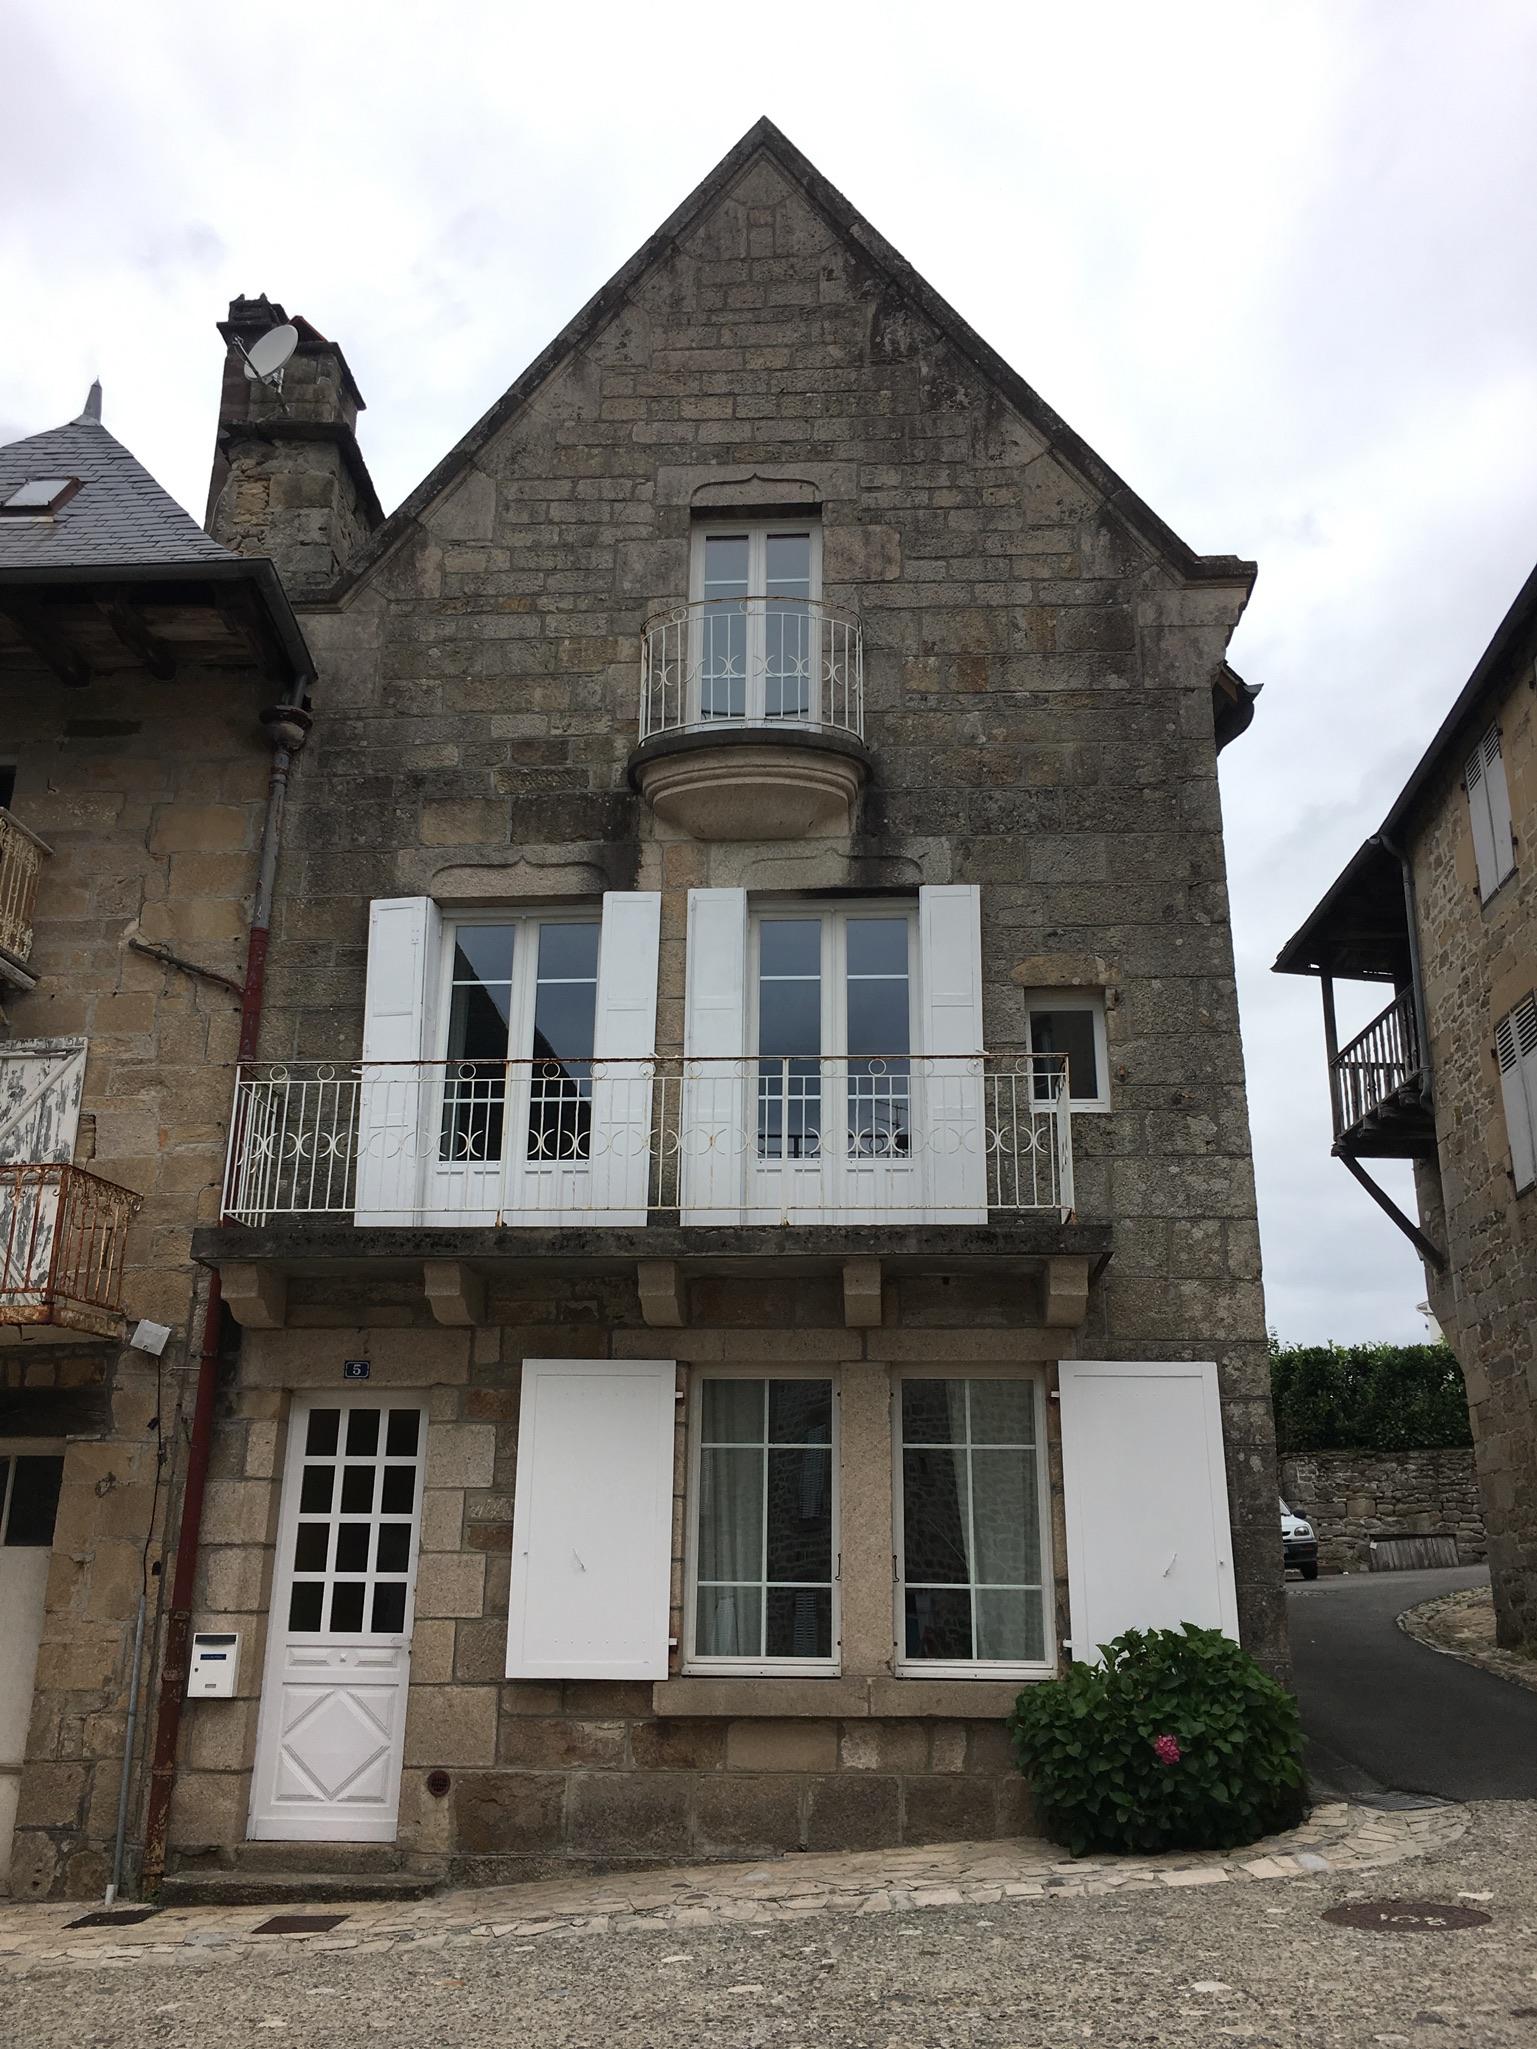 Photo Location Corrèze Médiéval- CORREZE